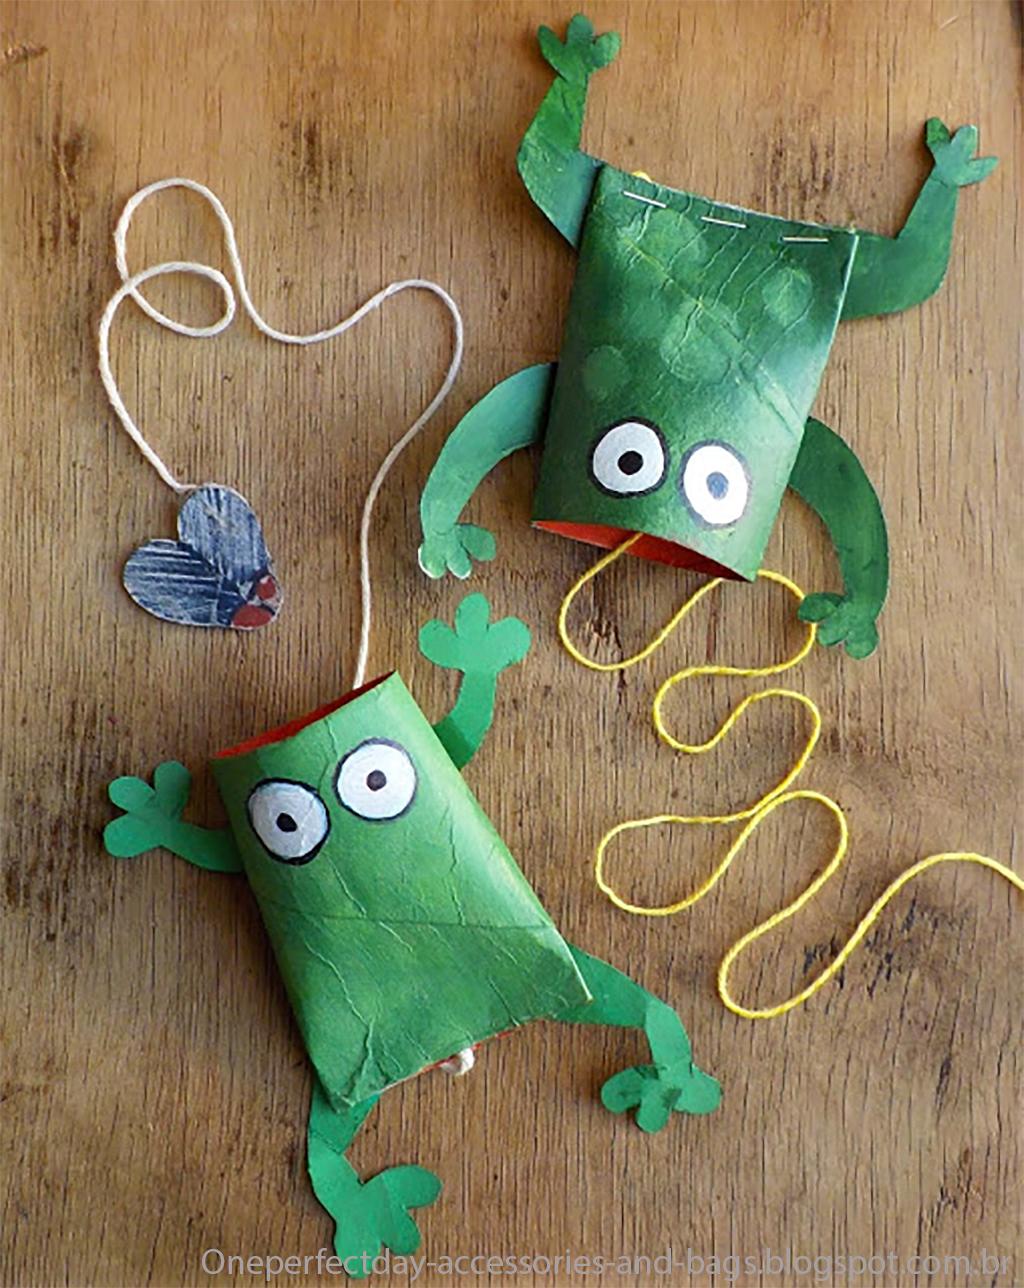 10 Ideias De Brinquedos Com Rolo De Papel Higi Nico